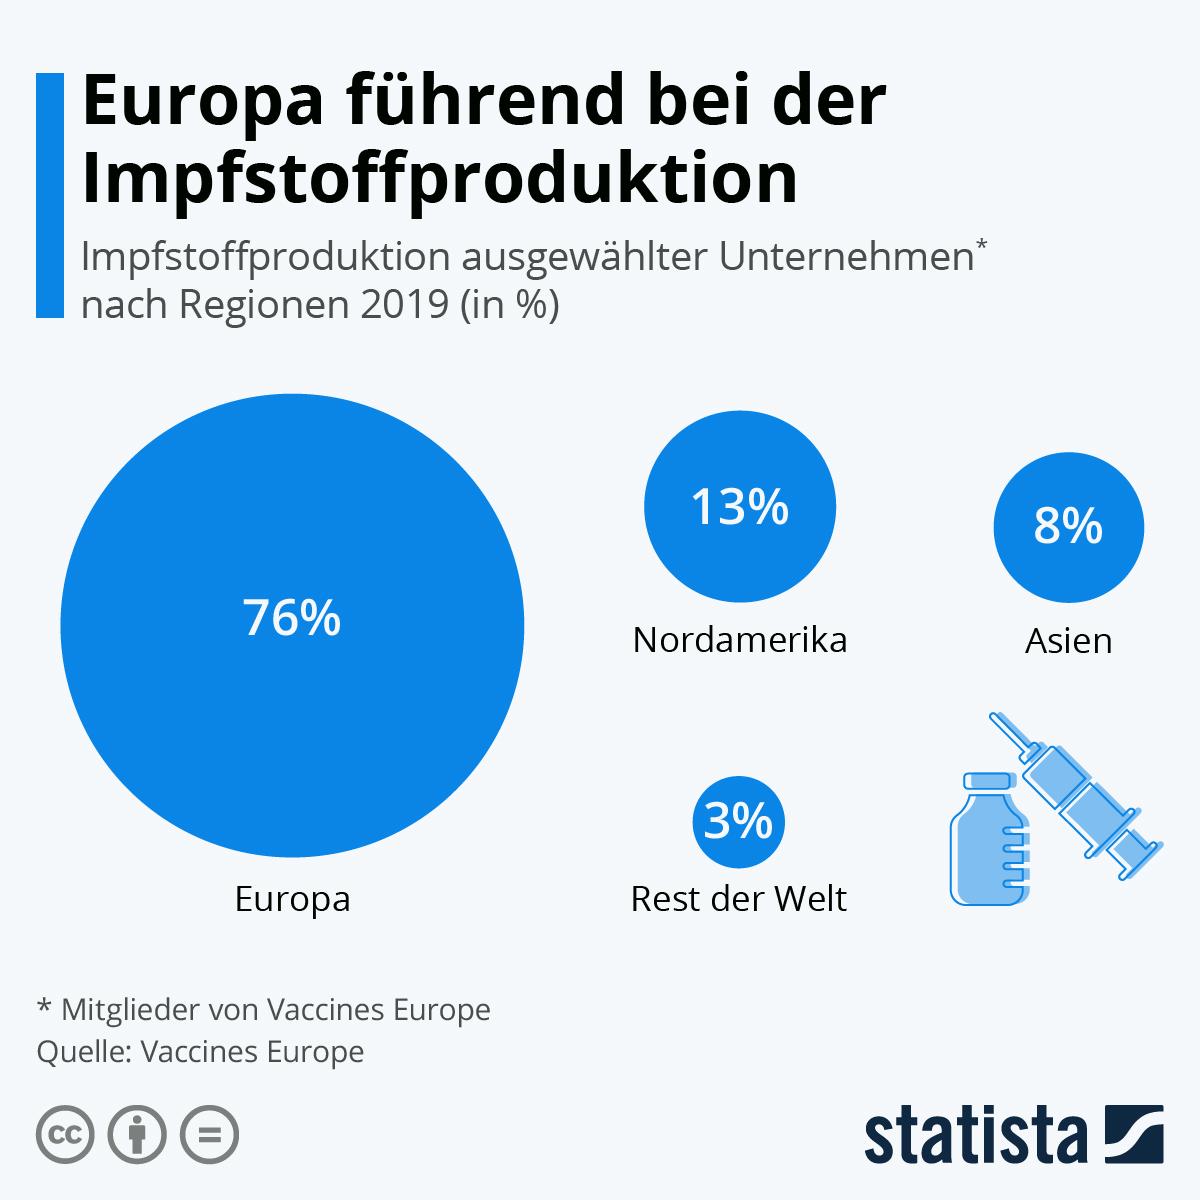 Infografik: Europa führend bei der Impfstoffproduktion | Statista